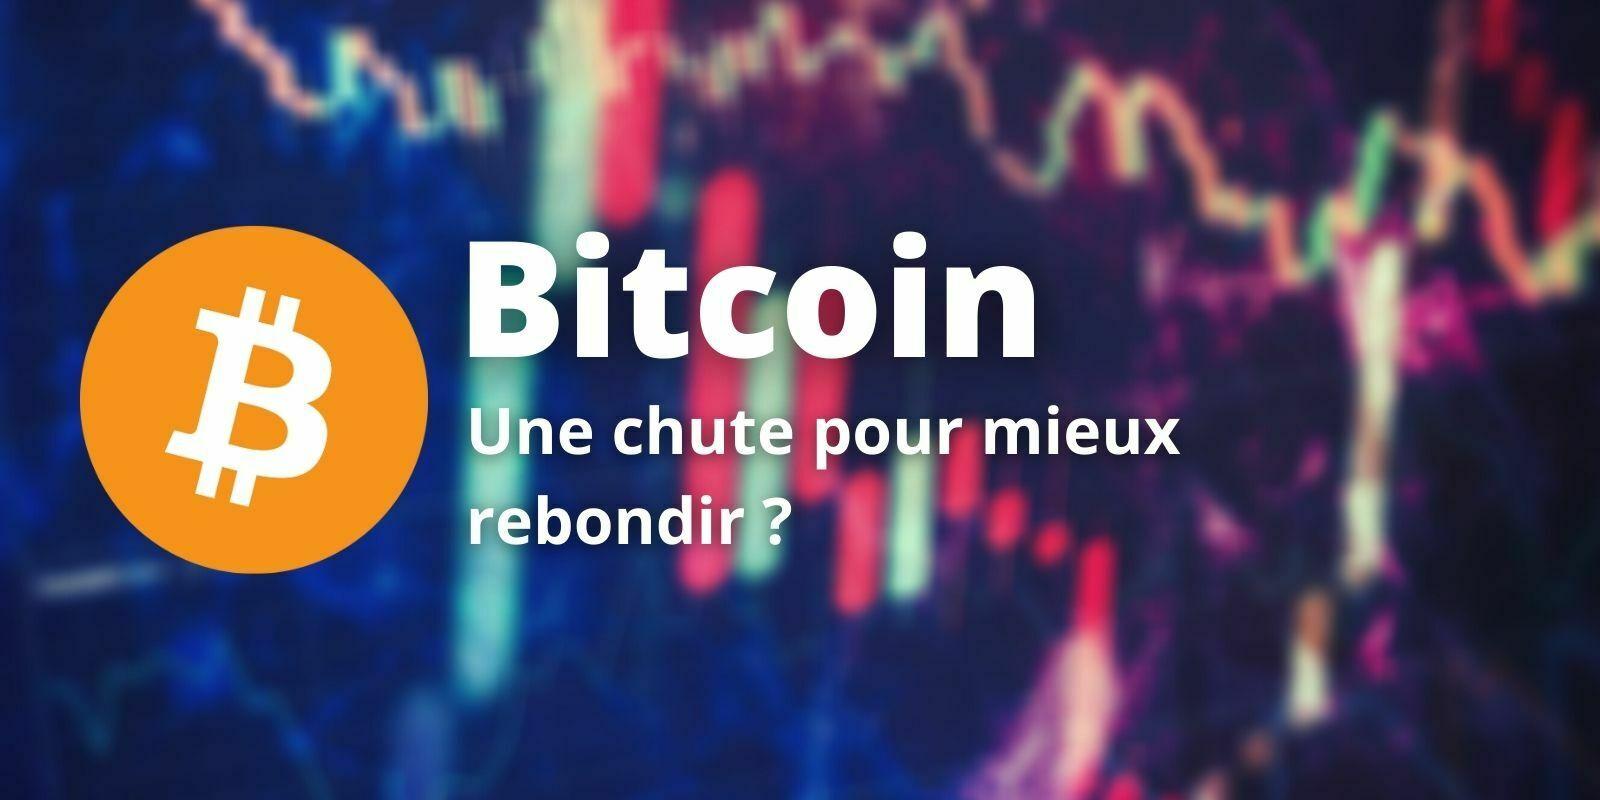 Le Bitcoin (BTC) corrige après une semaine de forte hausse